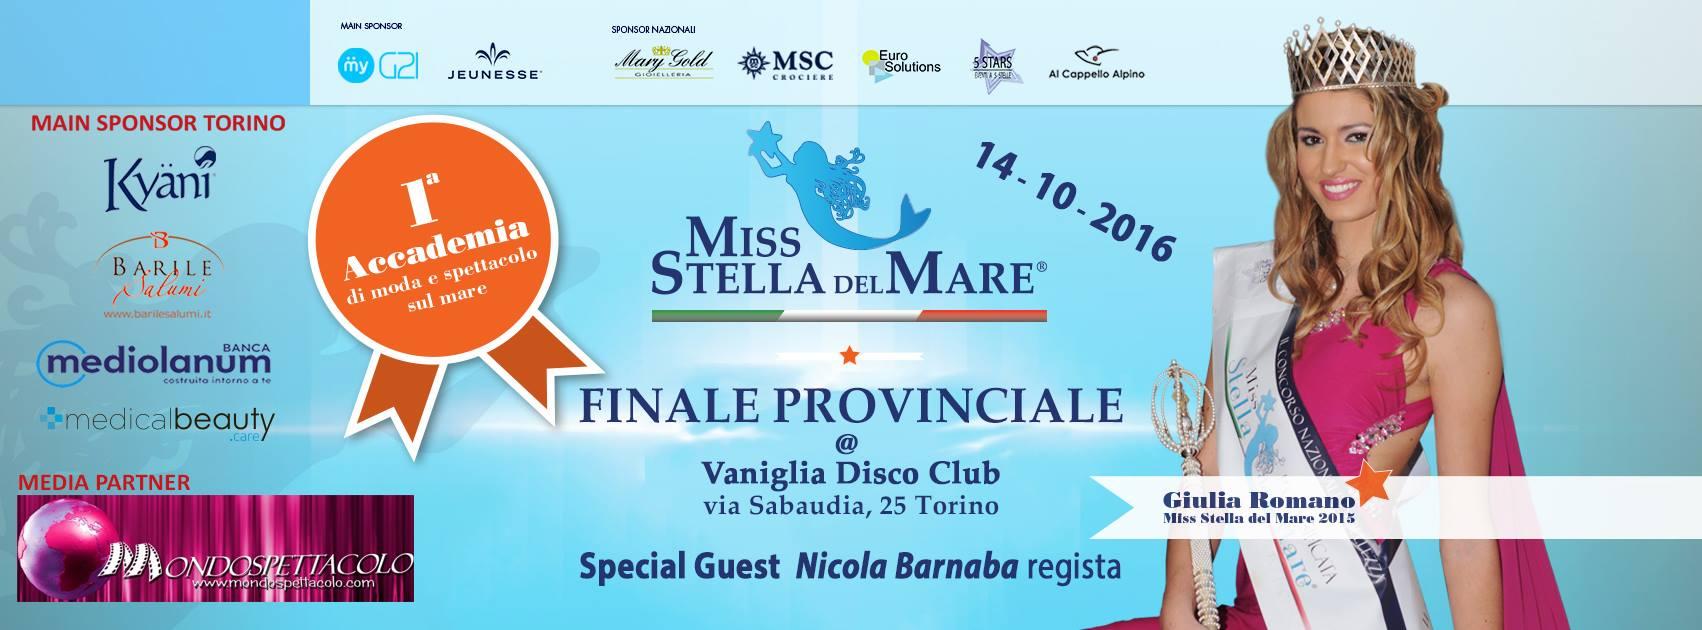 Ci siamo, manca ormai pochissimo alla finale provinciale (Torino) di Miss Stella del Mare, dove per giudicare le finaliste Torinesi, la squadra di Mondospettacolo ha chiamato in giuria personaggi […]